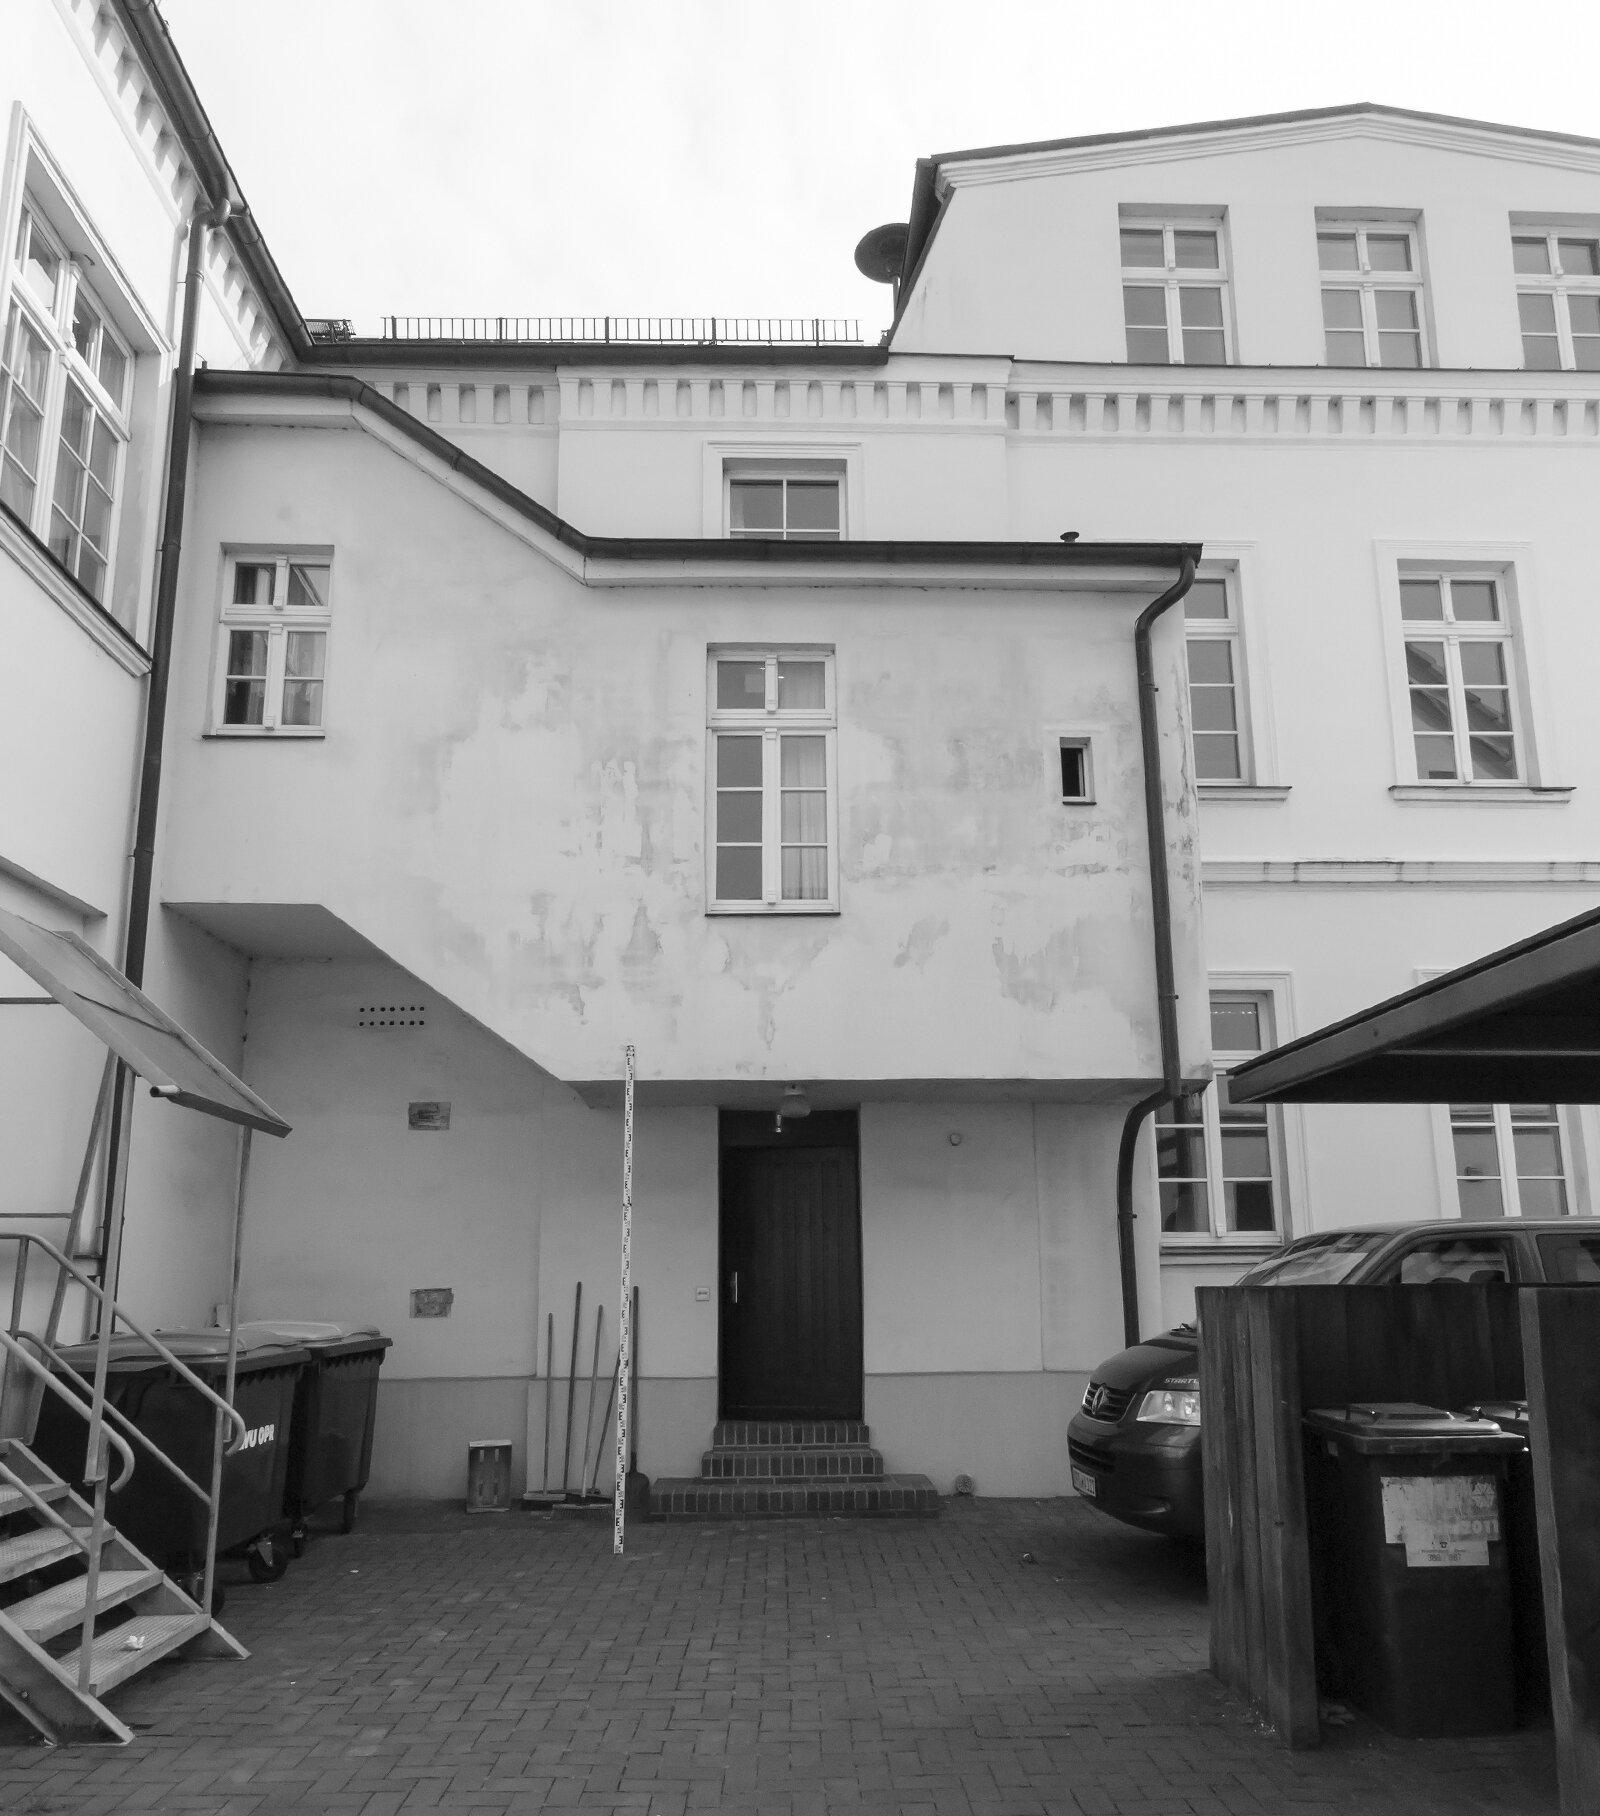 Hofansicht vor der Sanierung Foto: Gemeinde Wusterhausen/Dosse